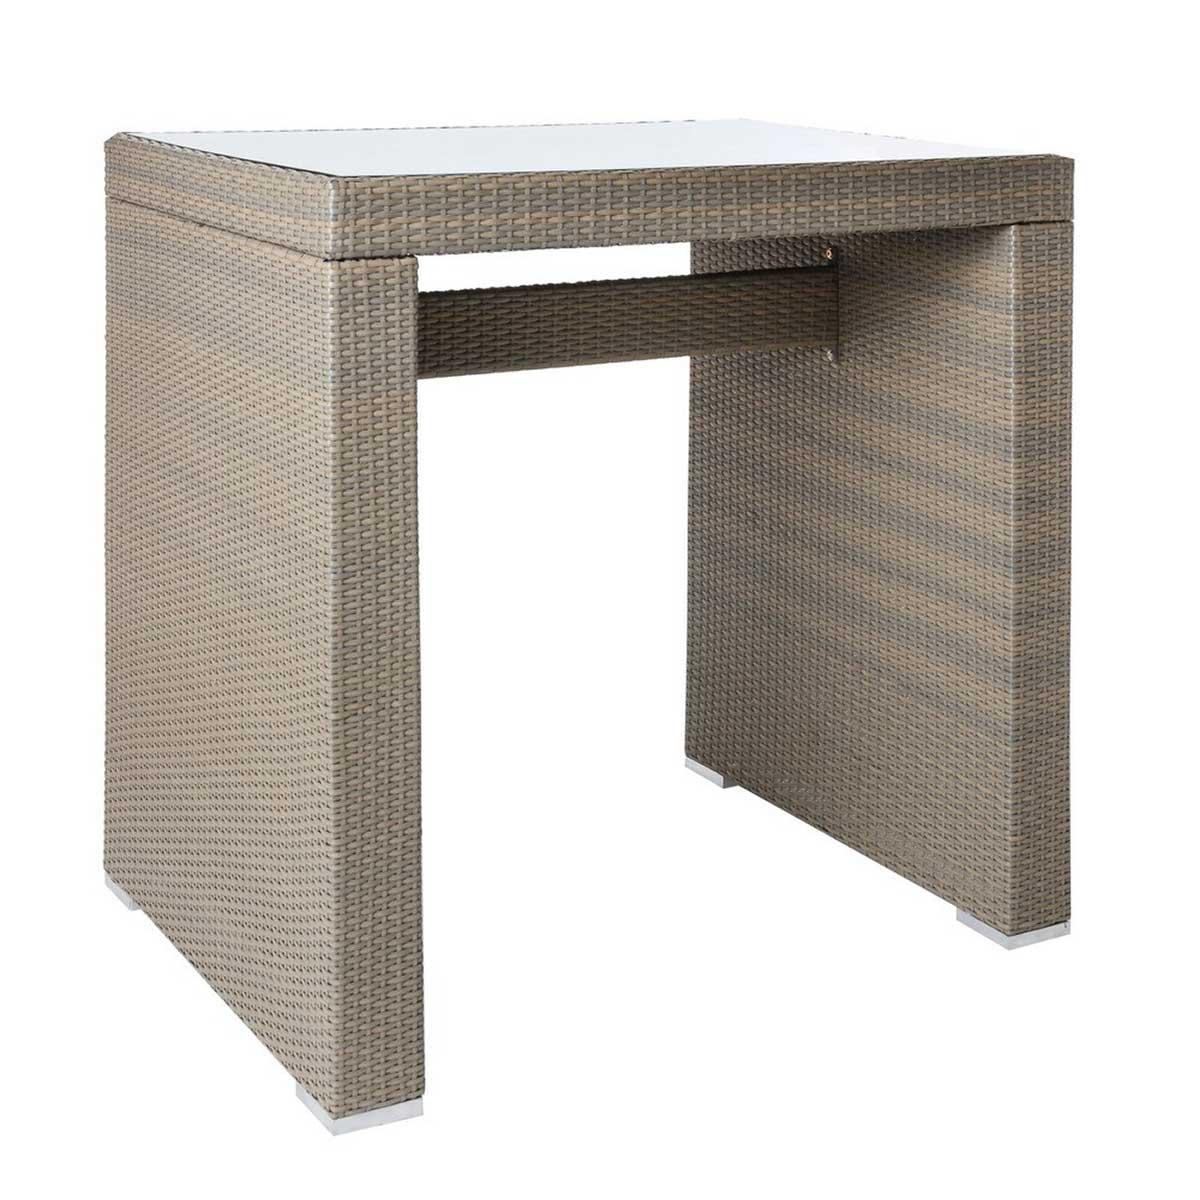 Table haute d'extérieur en rotin et verre - Taupe - 110.00 cm x 80.00 cm x 110.00 cm